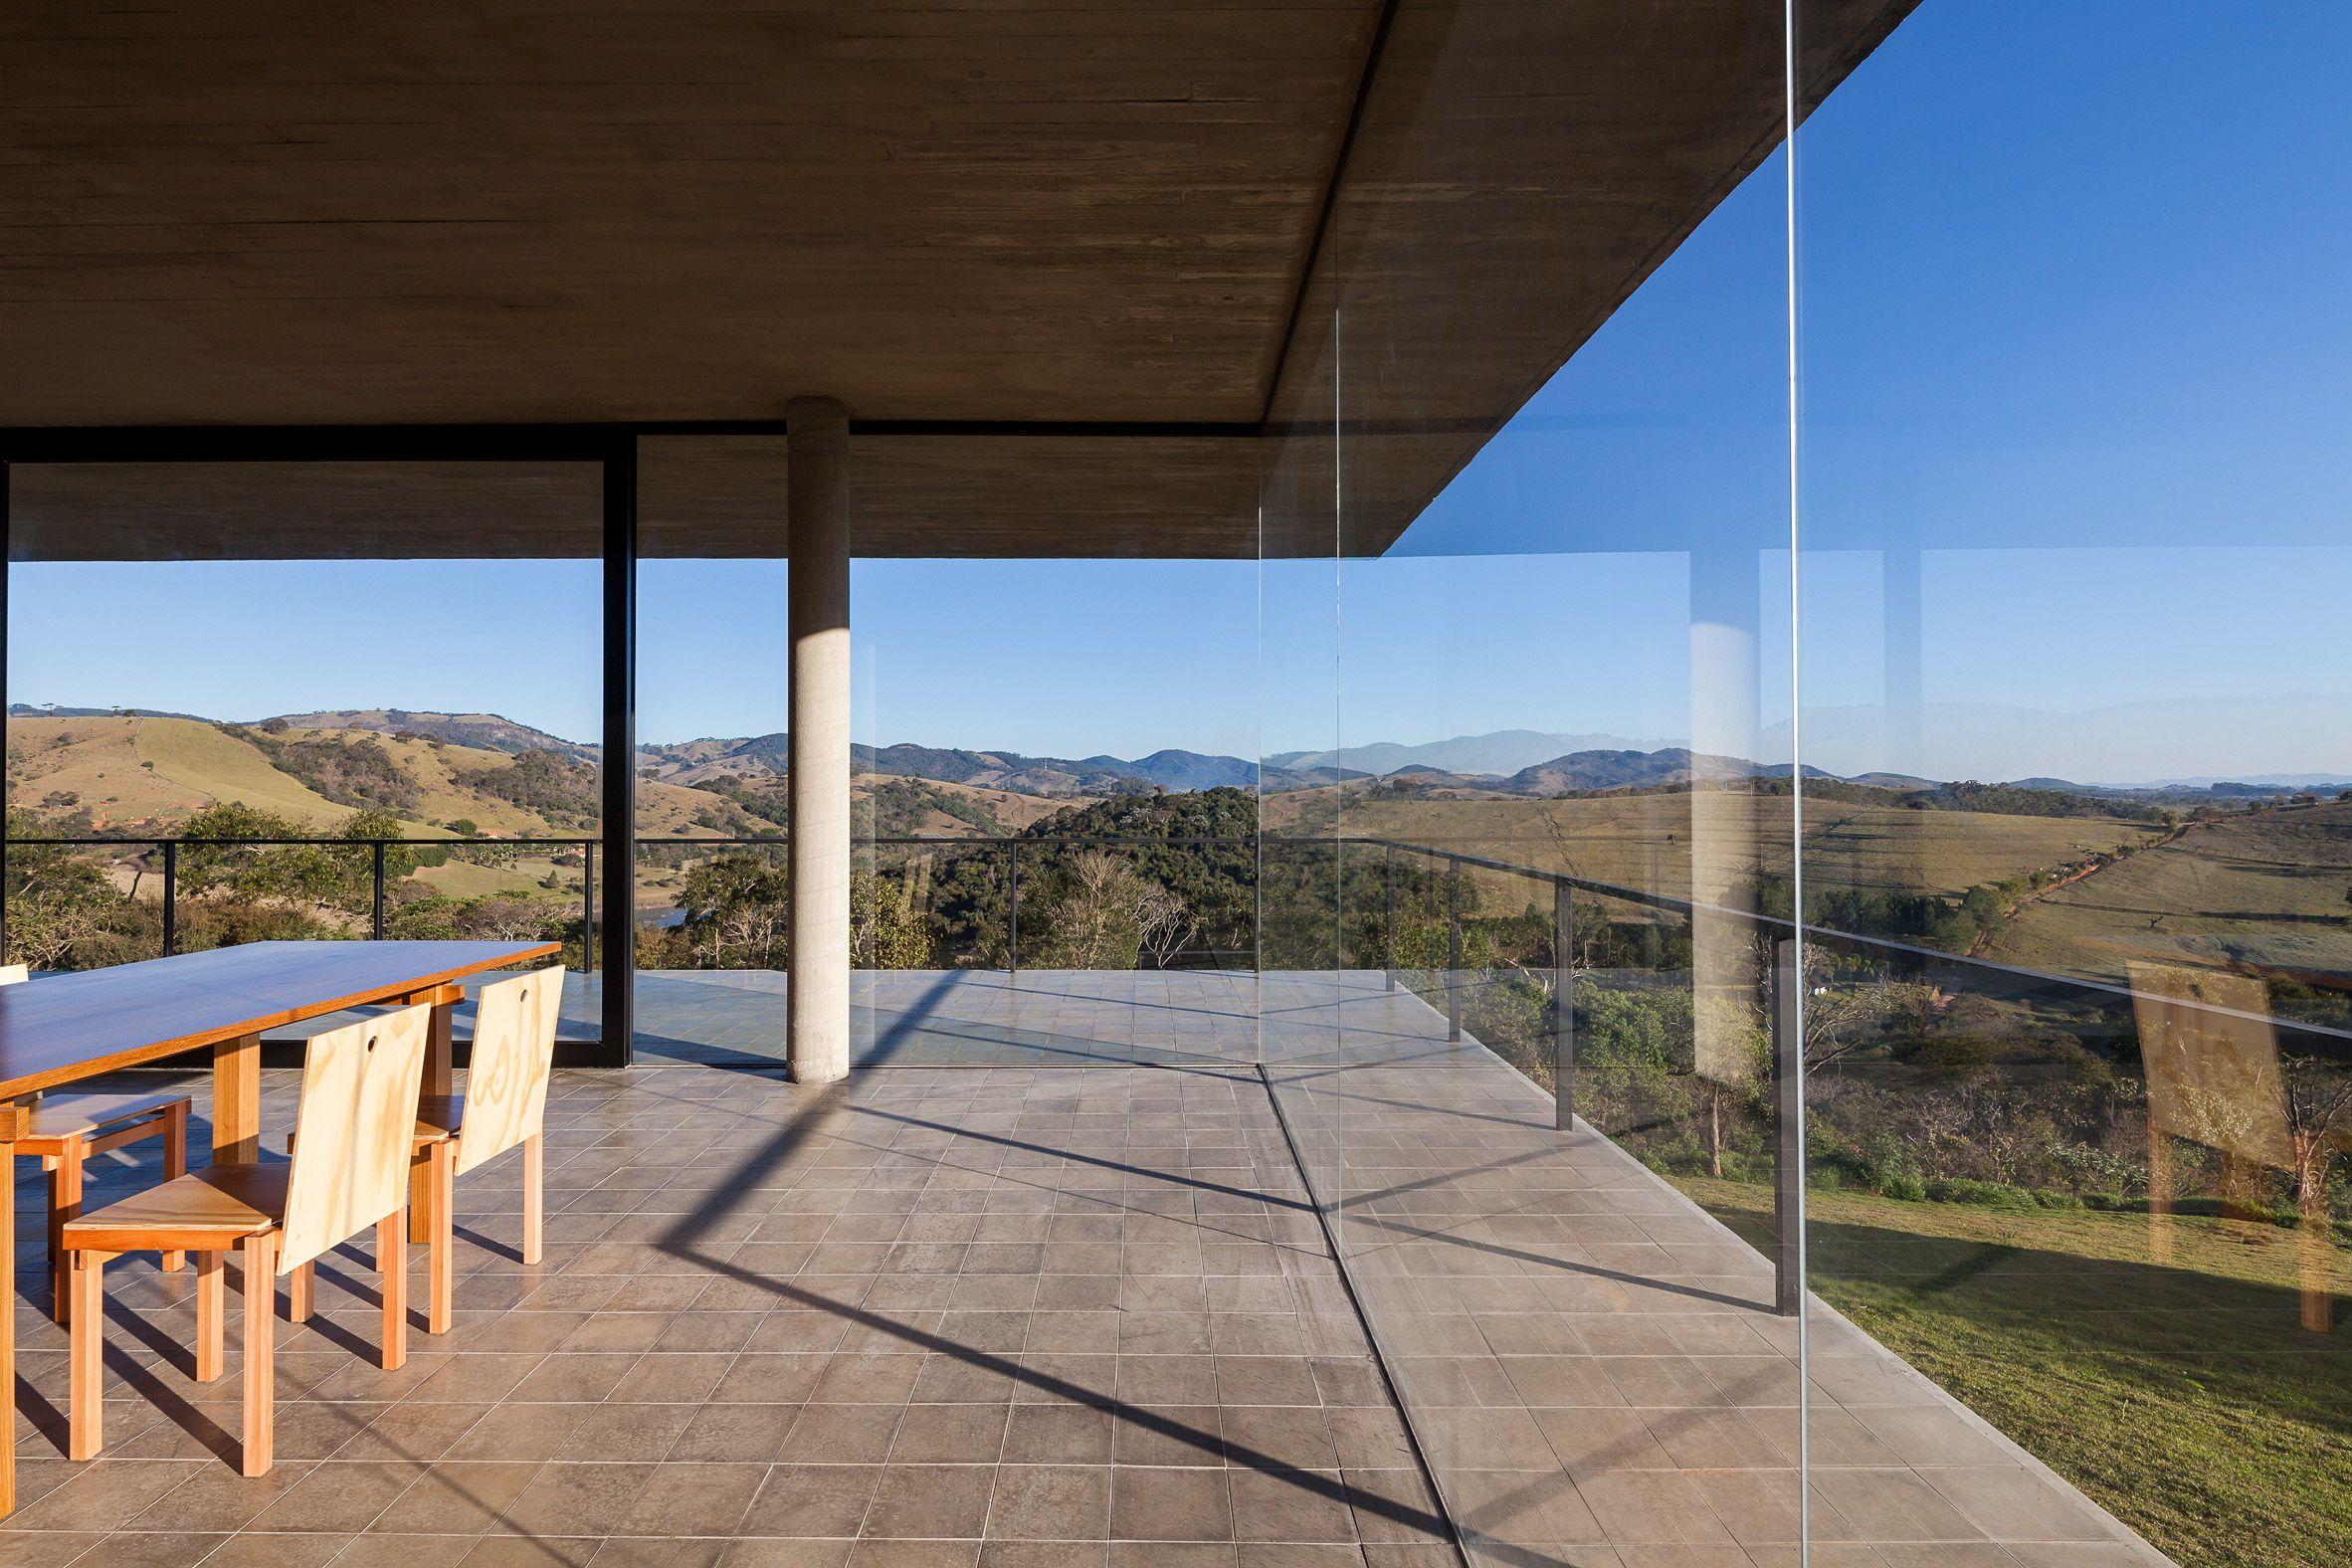 Villa spee by lab architecten homeadore bathroom